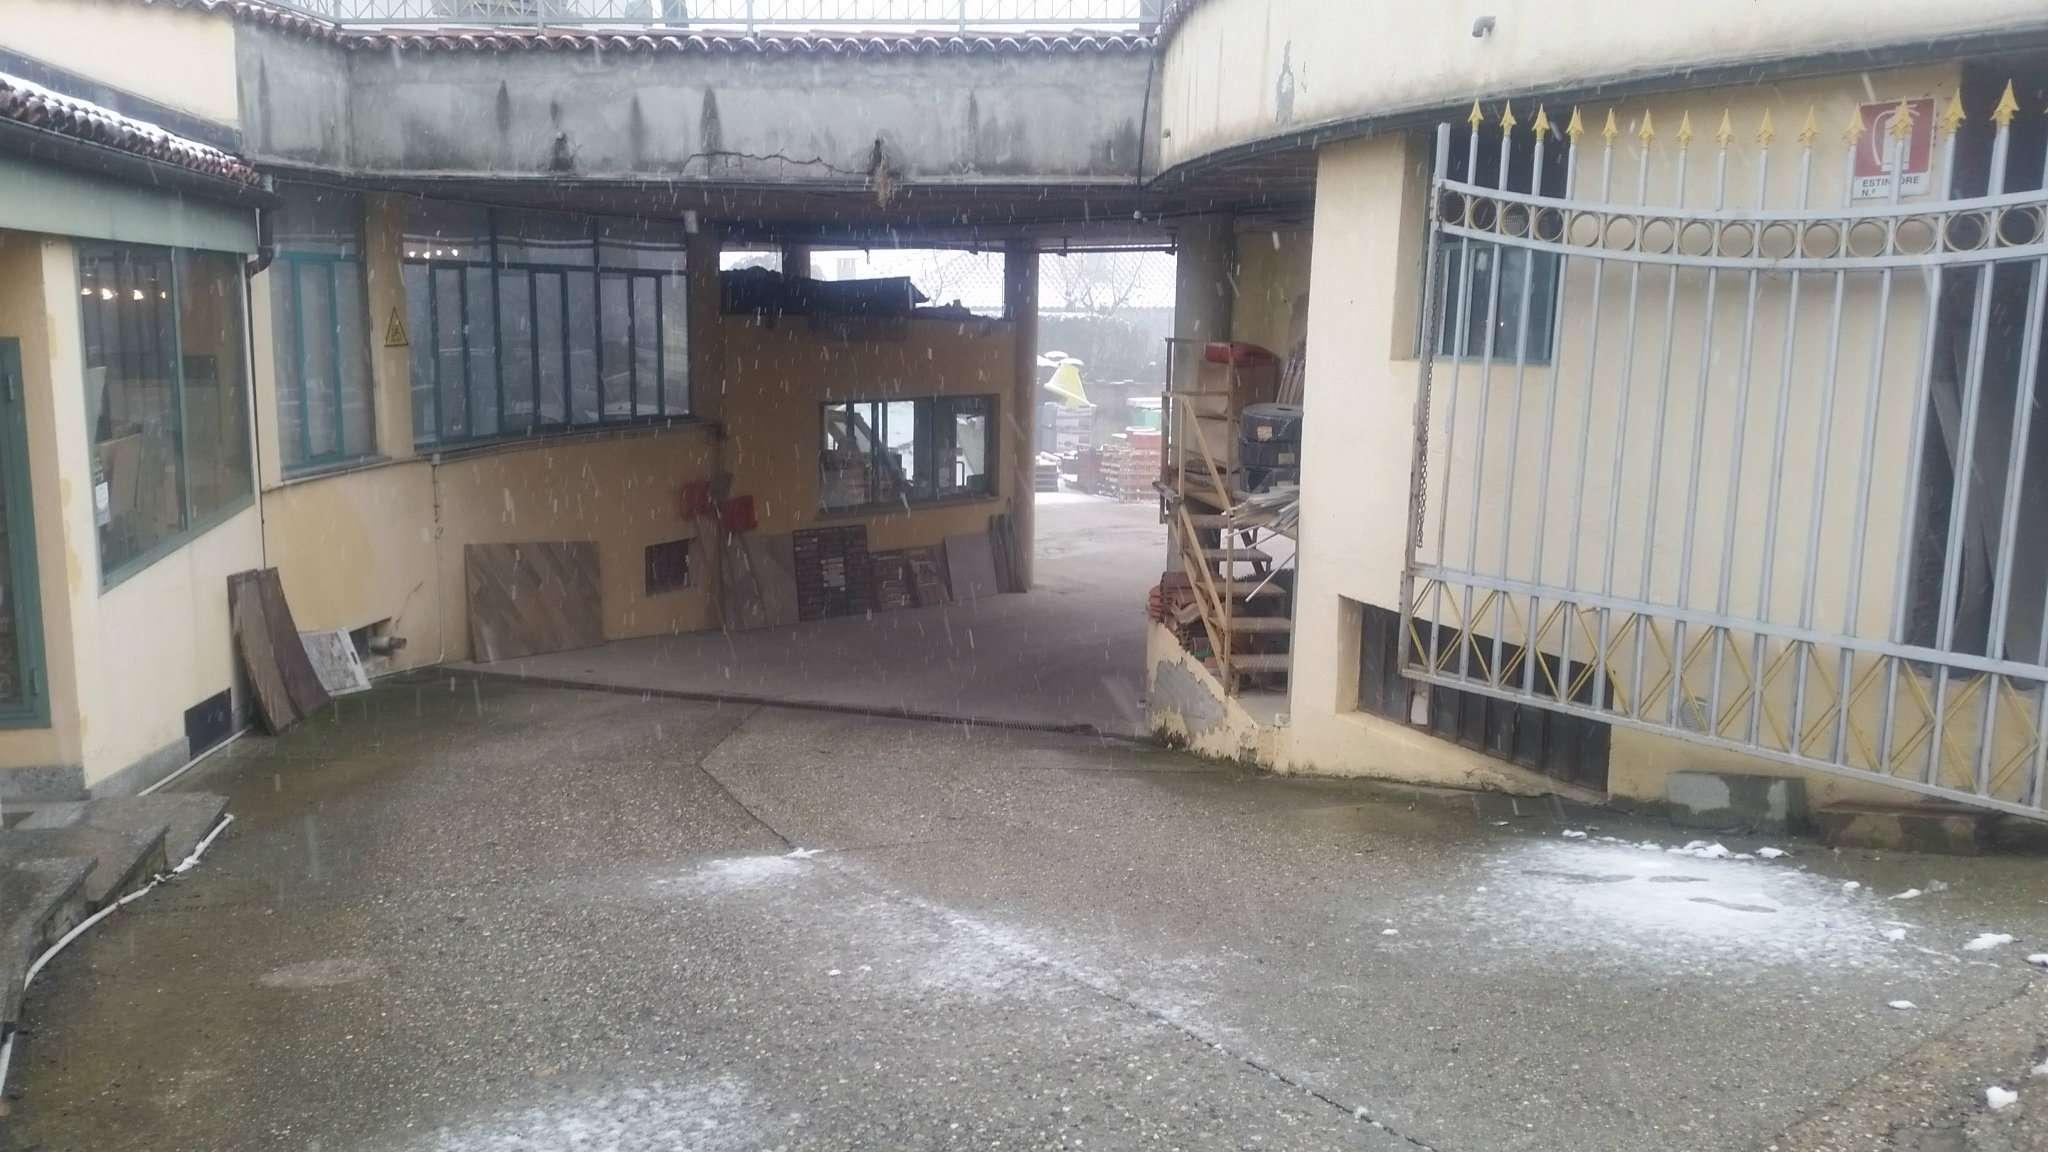 Attività / Licenza in vendita a Pecetto Torinese, 9999 locali, prezzo € 140.000 | Cambio Casa.it